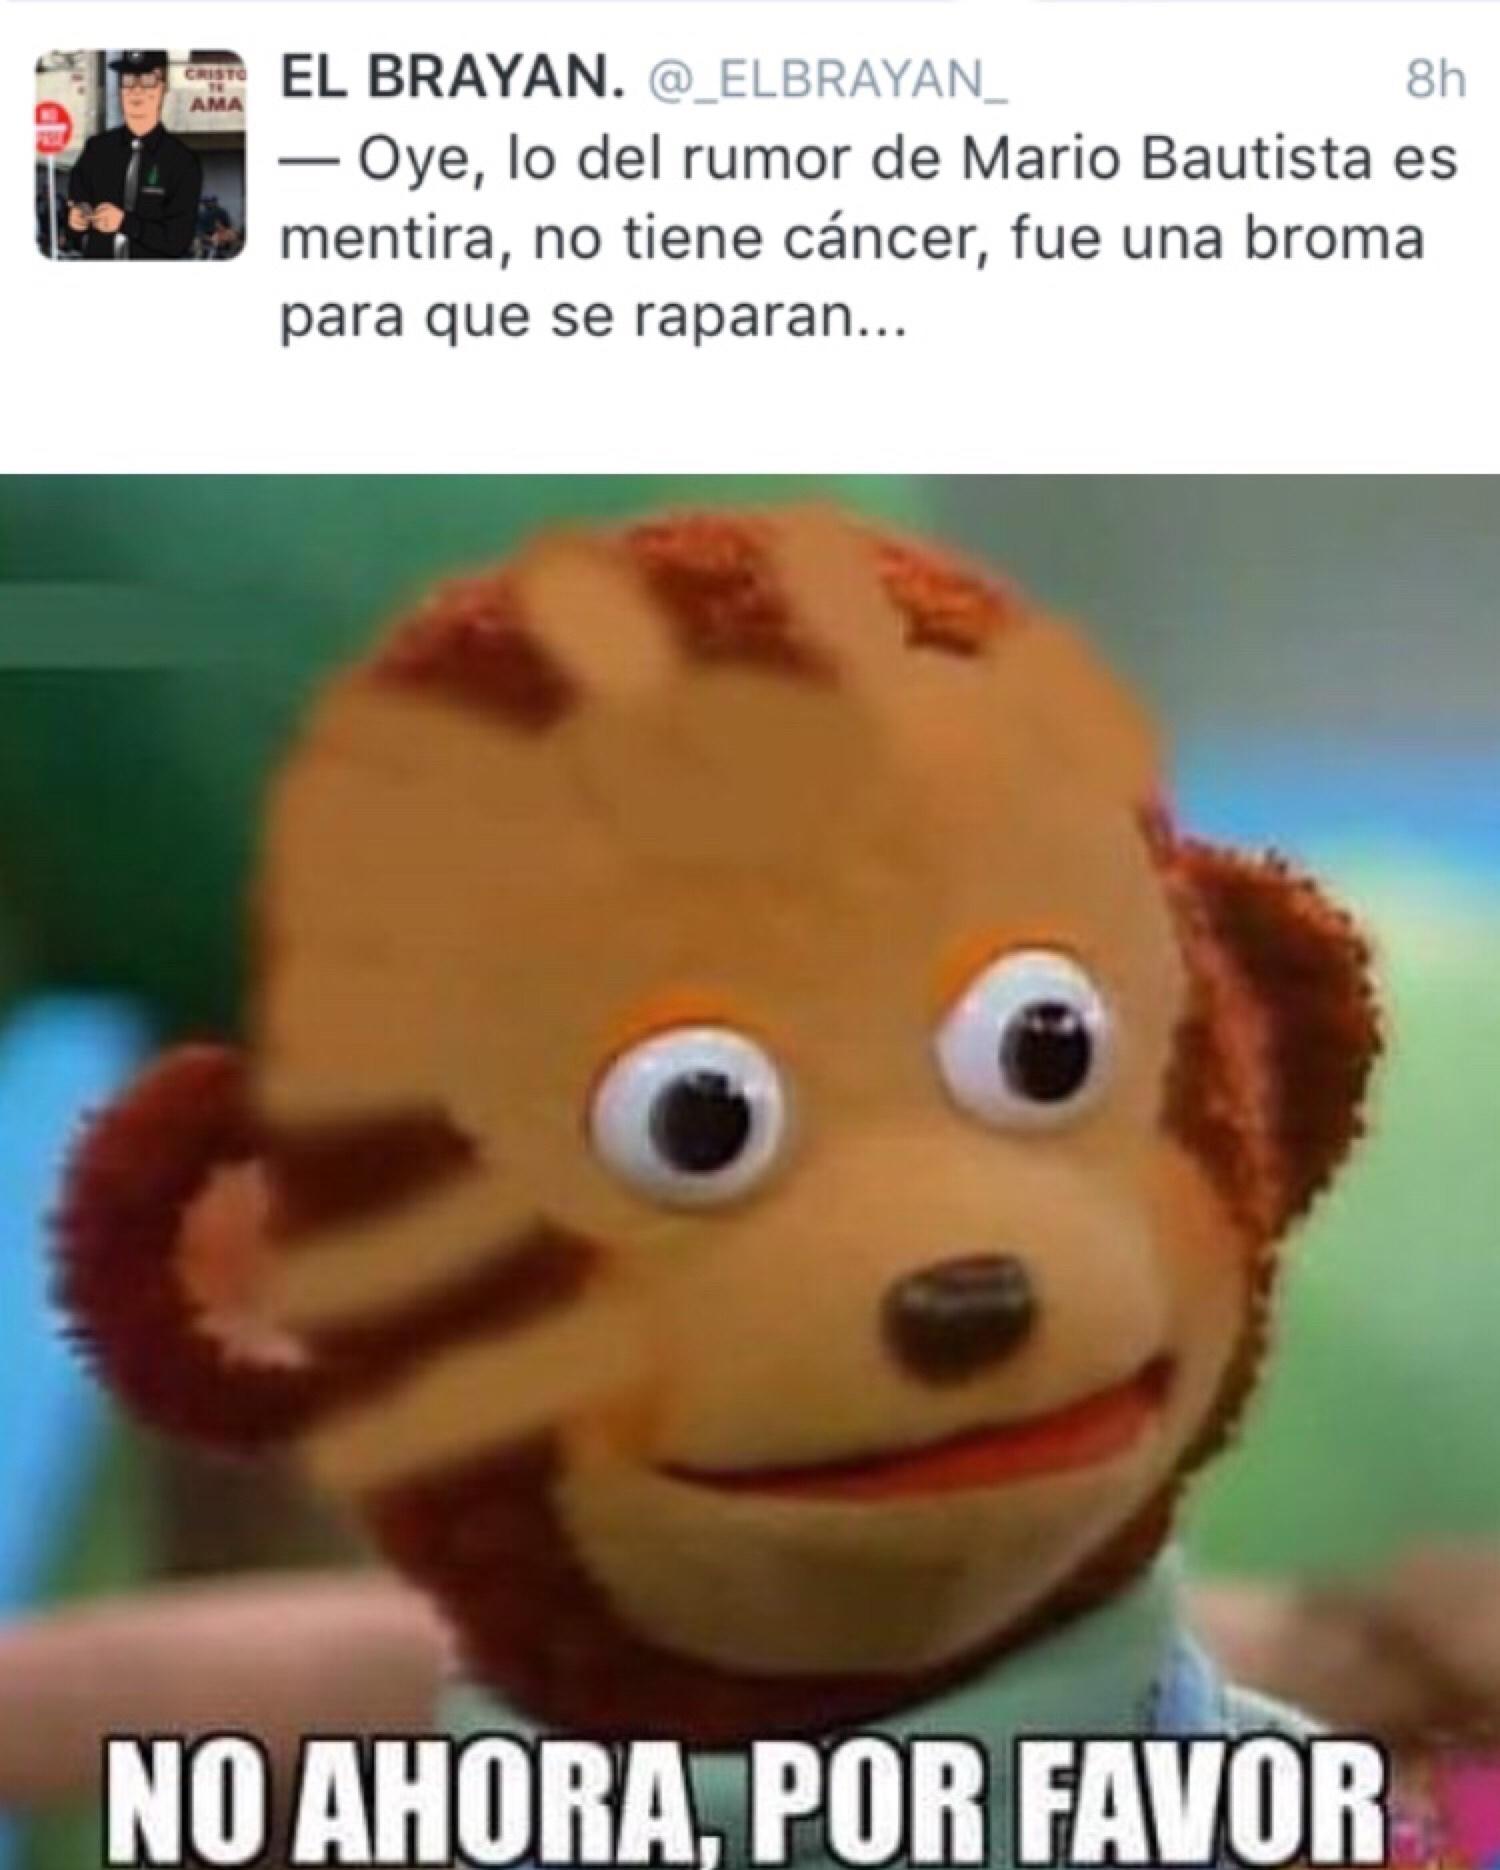 jajaja que vieja la wea - meme